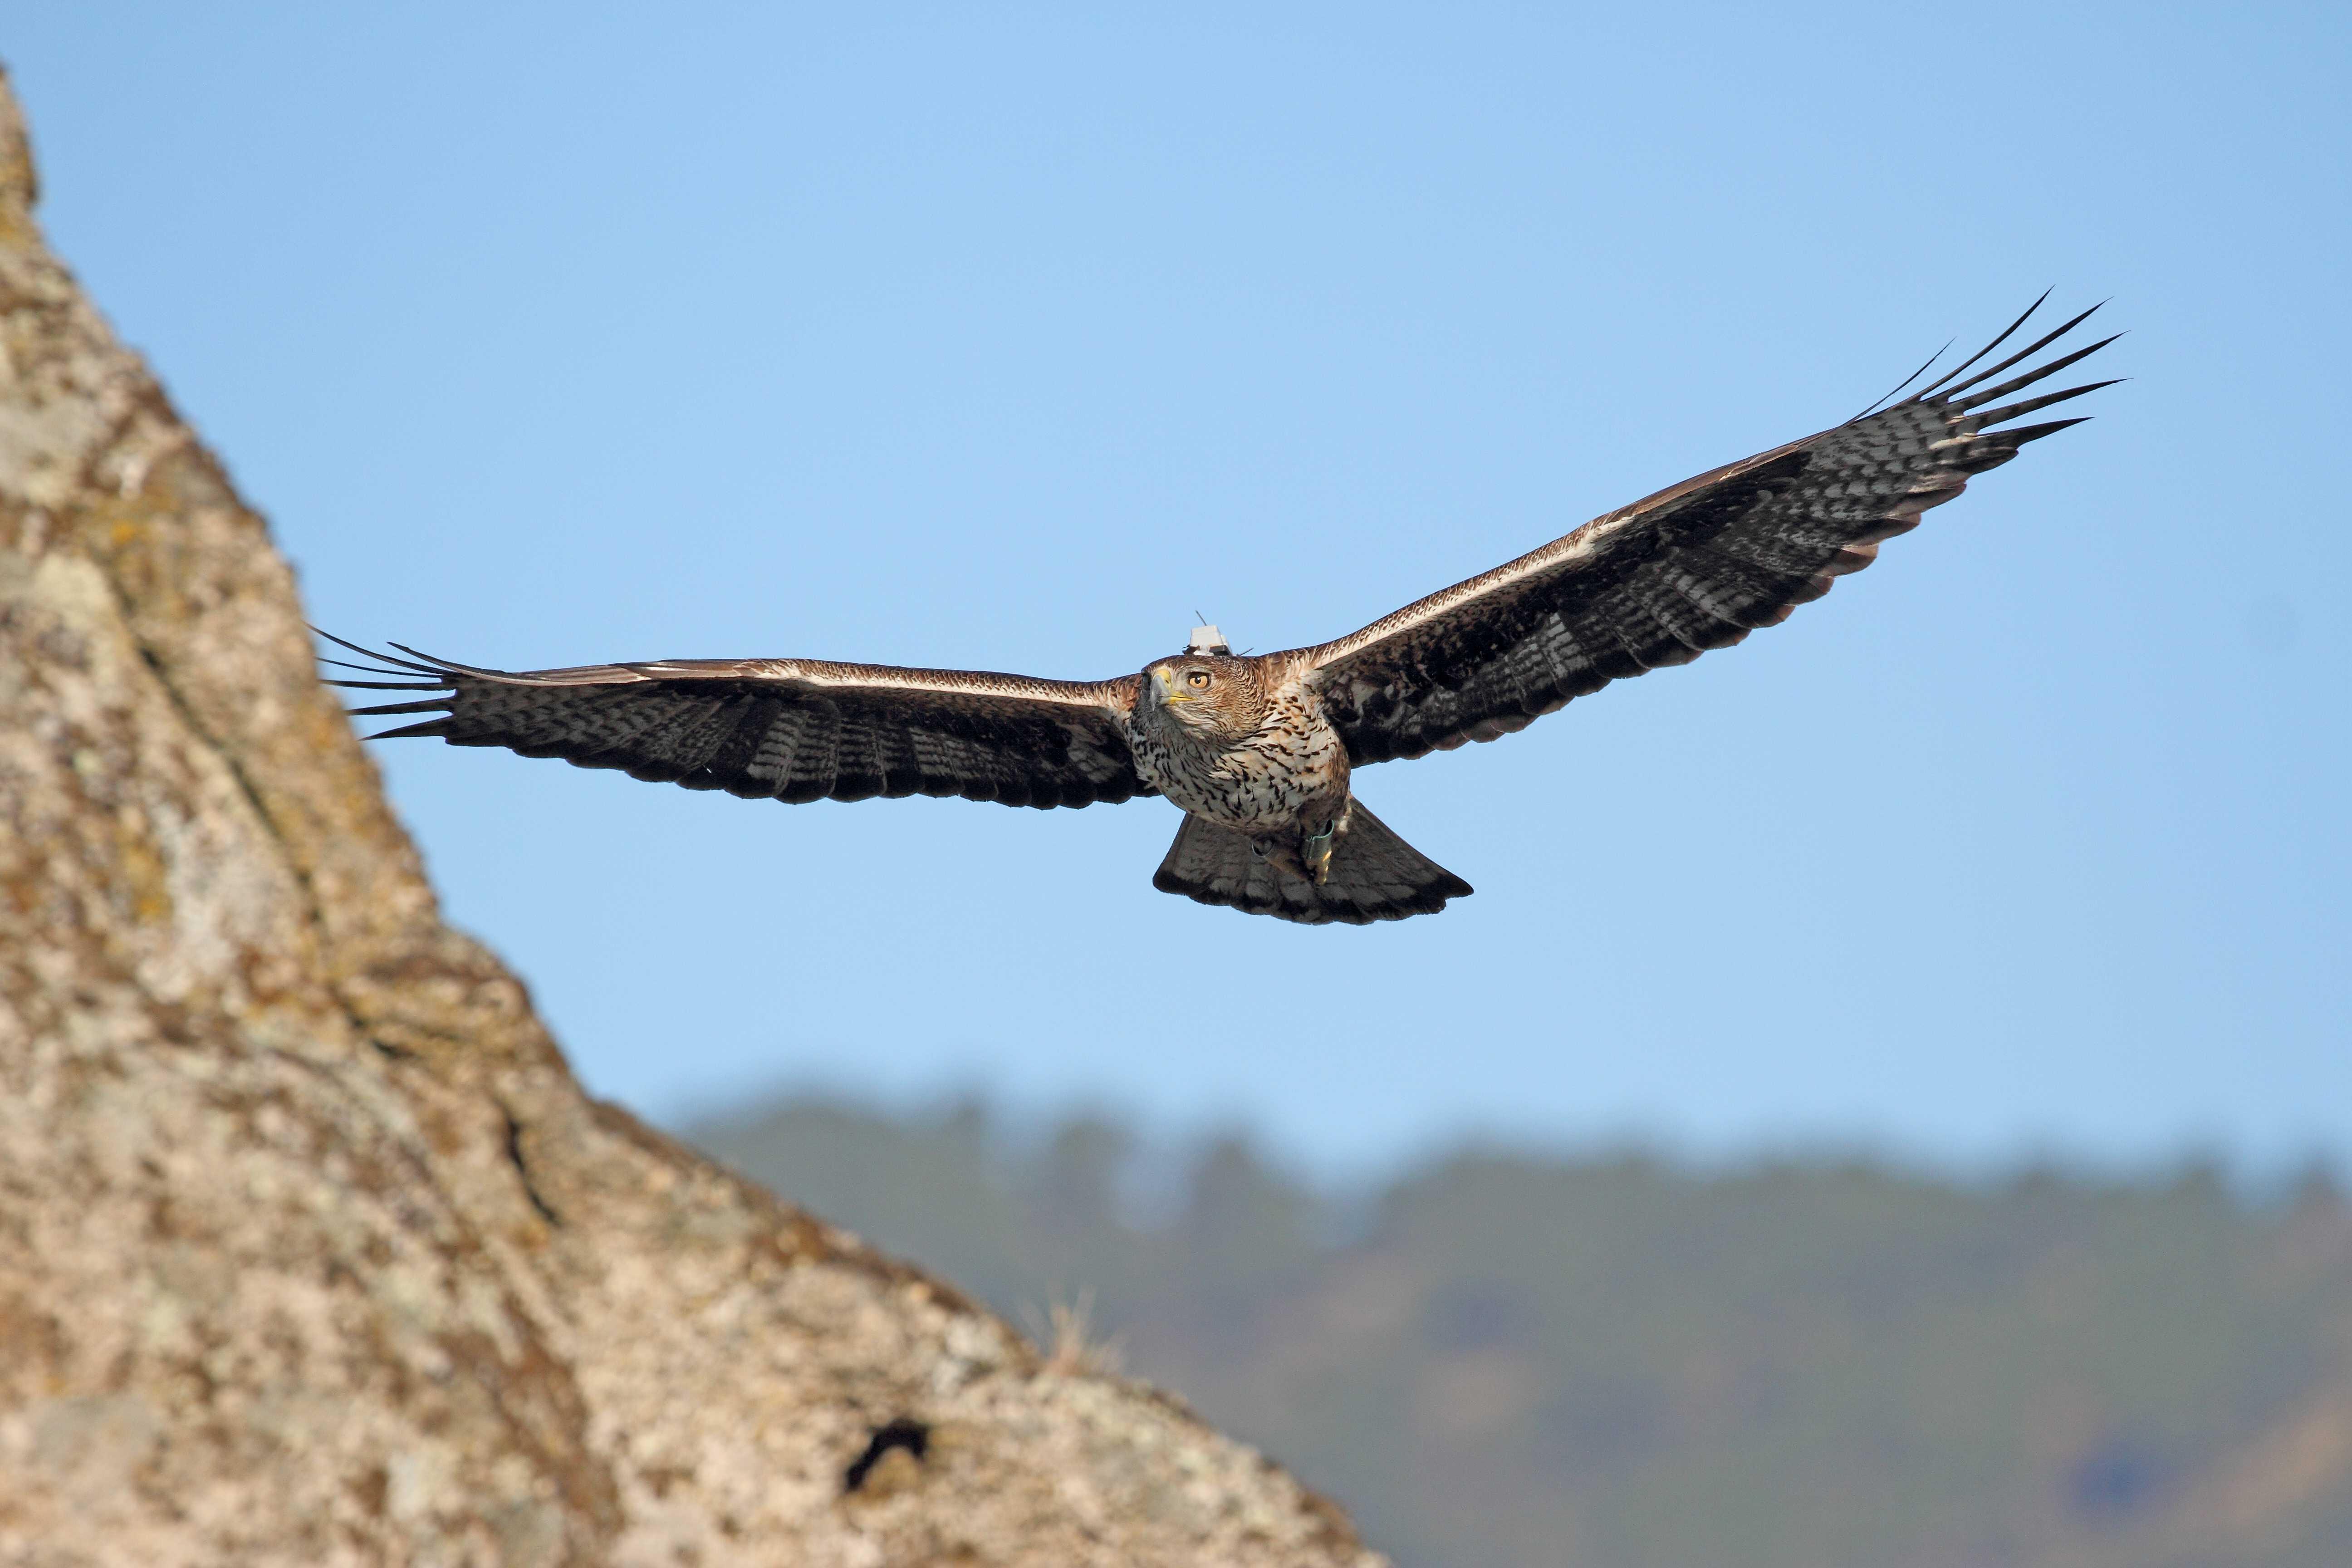 Águila de Bonelli reproductora reintroducida en la Comunidad de Madrid, con su emisor GPS visible. Imagen: Sergio de la Fuente / GREFA